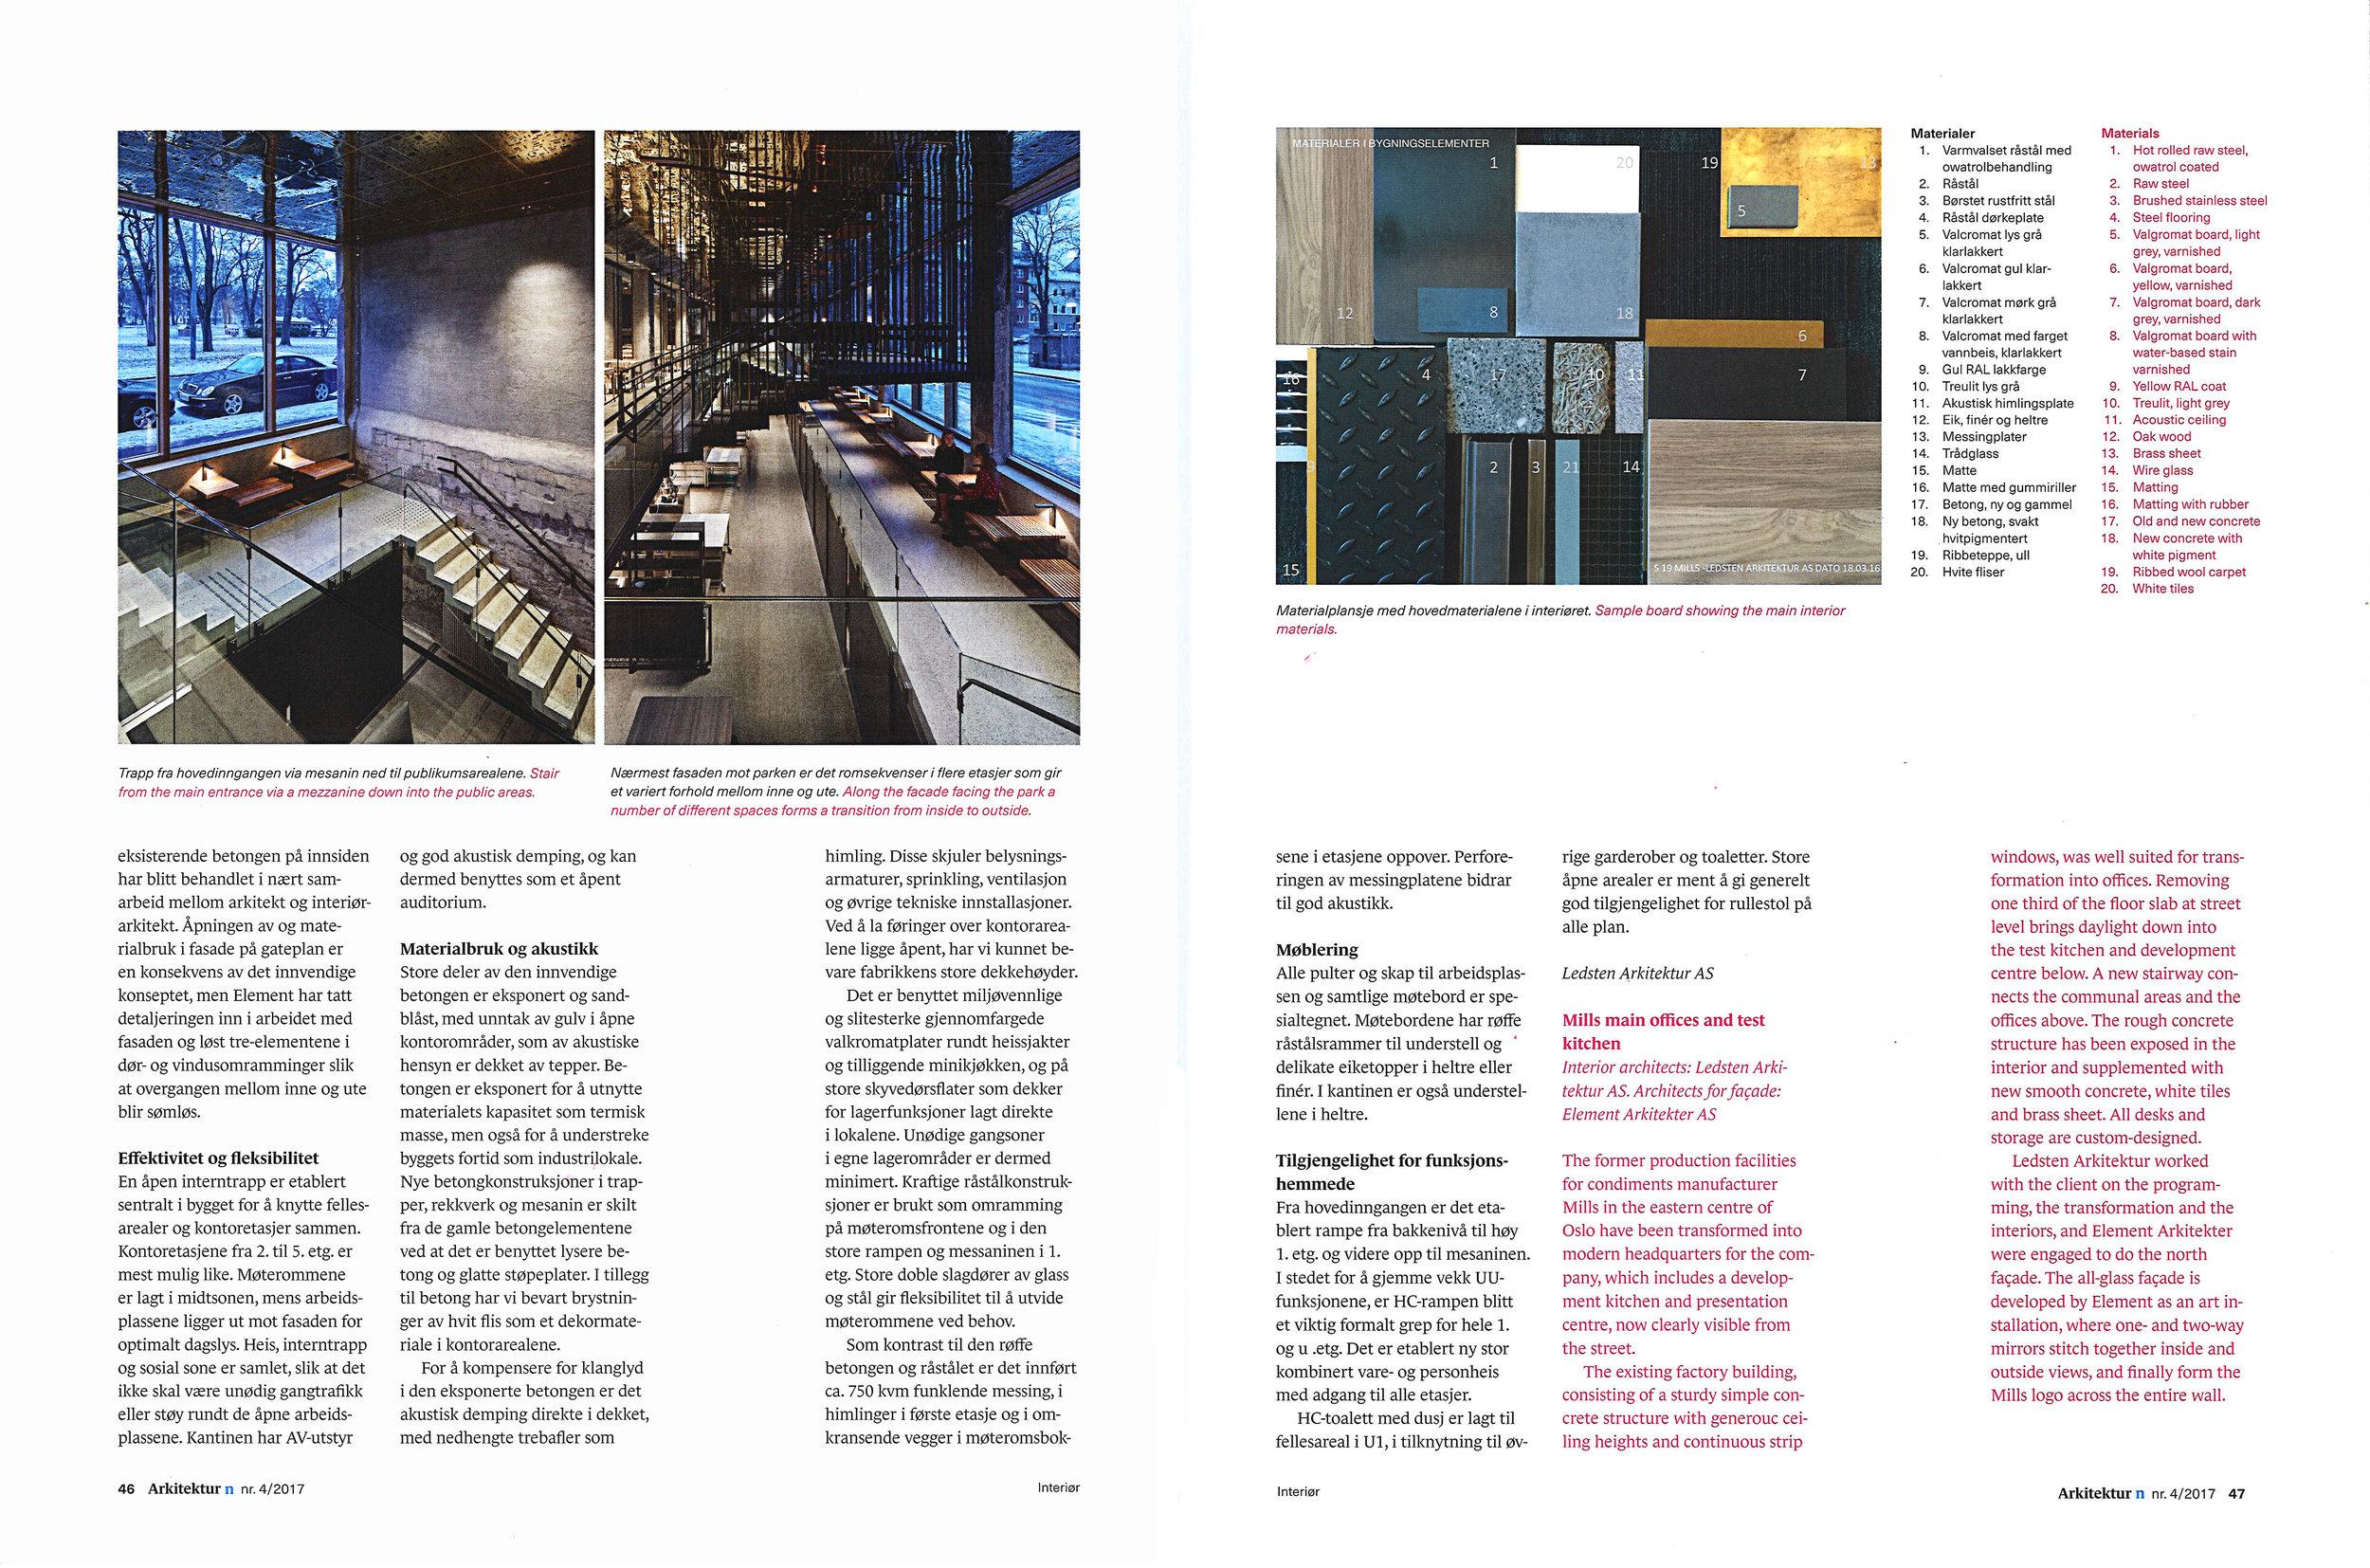 Arkitektur-N-Nr-4-2017-46.47.jpg